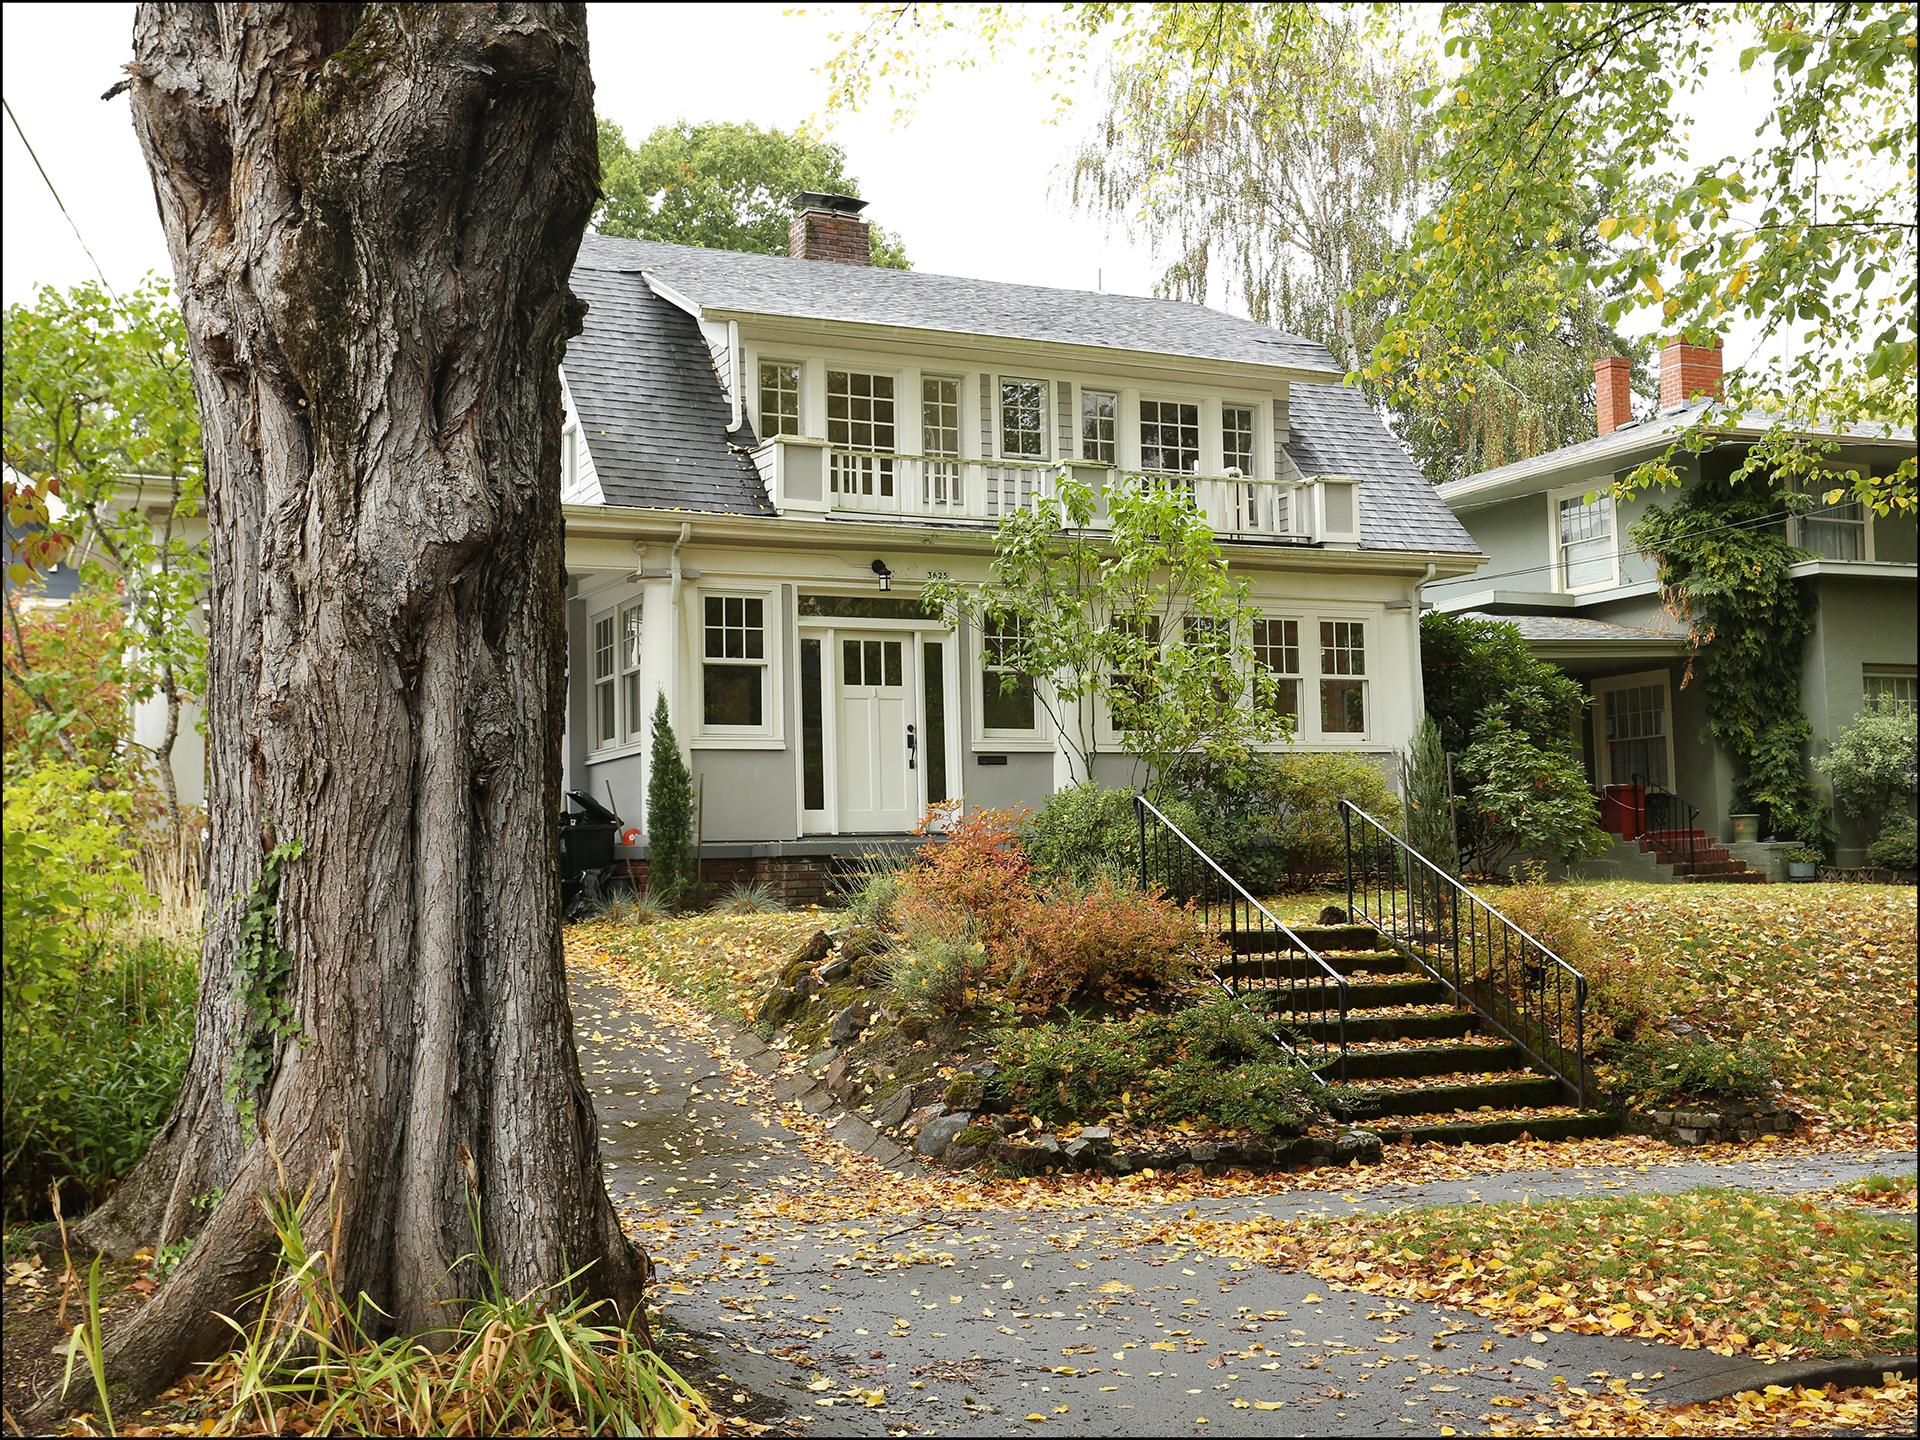 36s5 NE Davis St. - Laurelhurst Dutch Colonial  SOLDfor $795,000